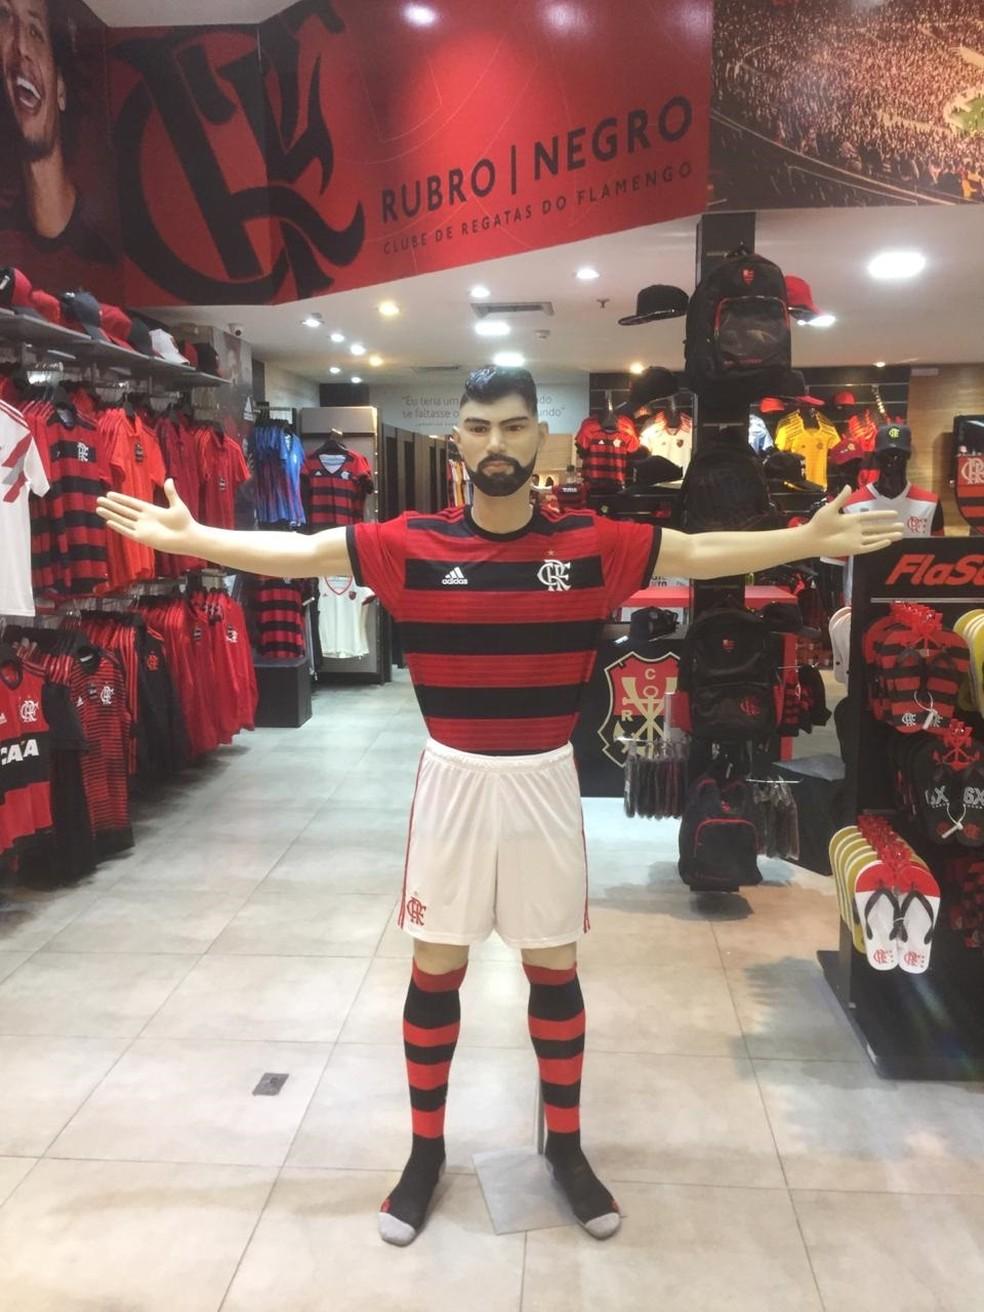 Boneco em tamanho real de Gabigol na loja oficial do Flamengo no Carioca Shopping — Foto: Divulgação